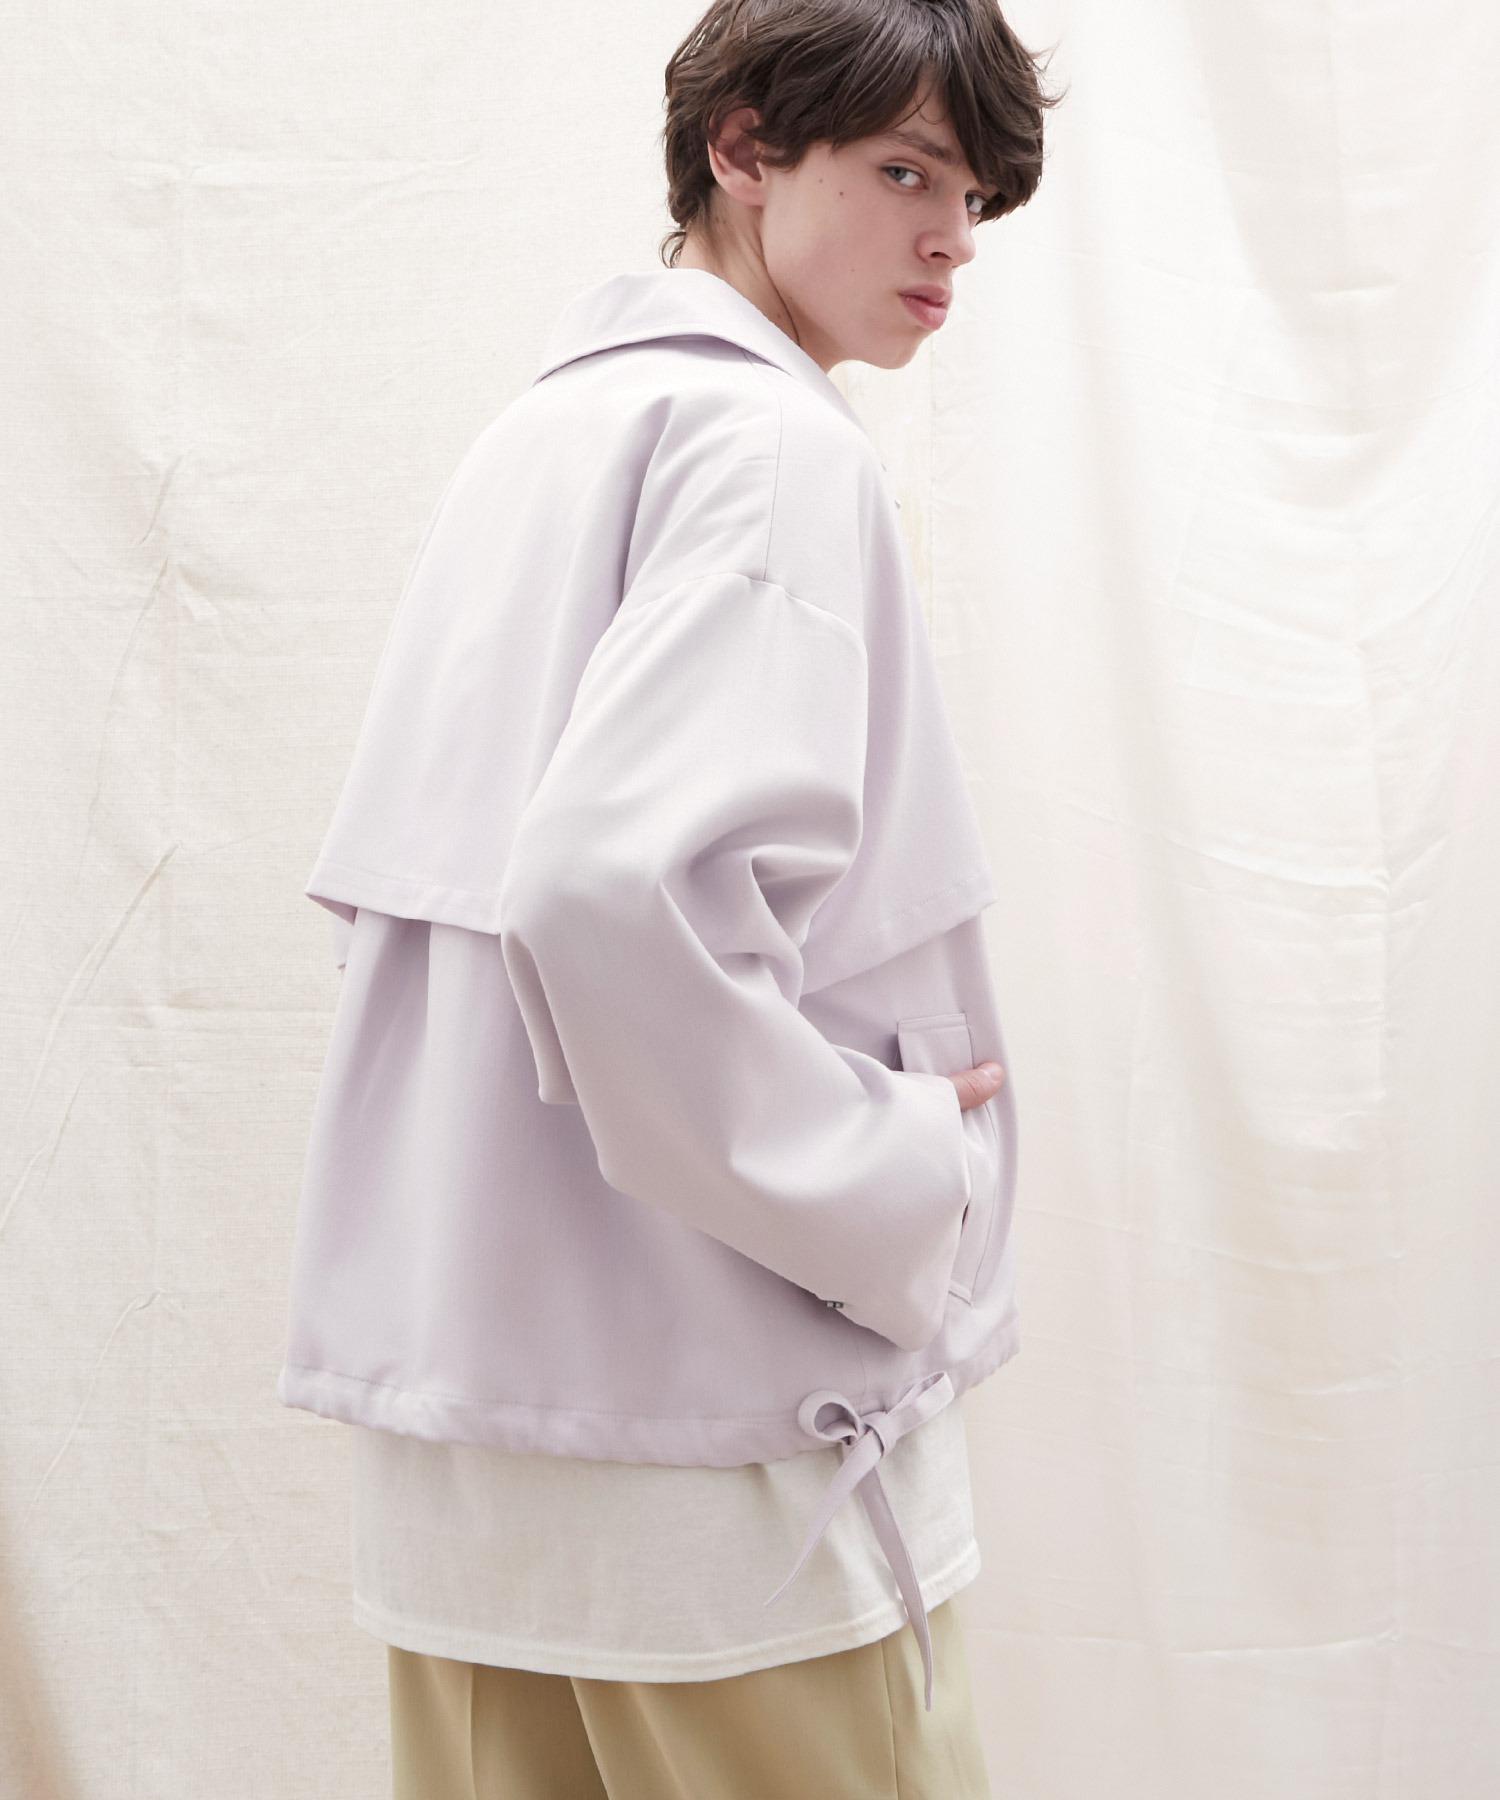 オーバーサイズ 袖ボリューム オーバーサイズ フライト コーチ ジャケット/CPOショート/ヨーク/ロングブルゾン EMMA CLOTHES 2021 S/S